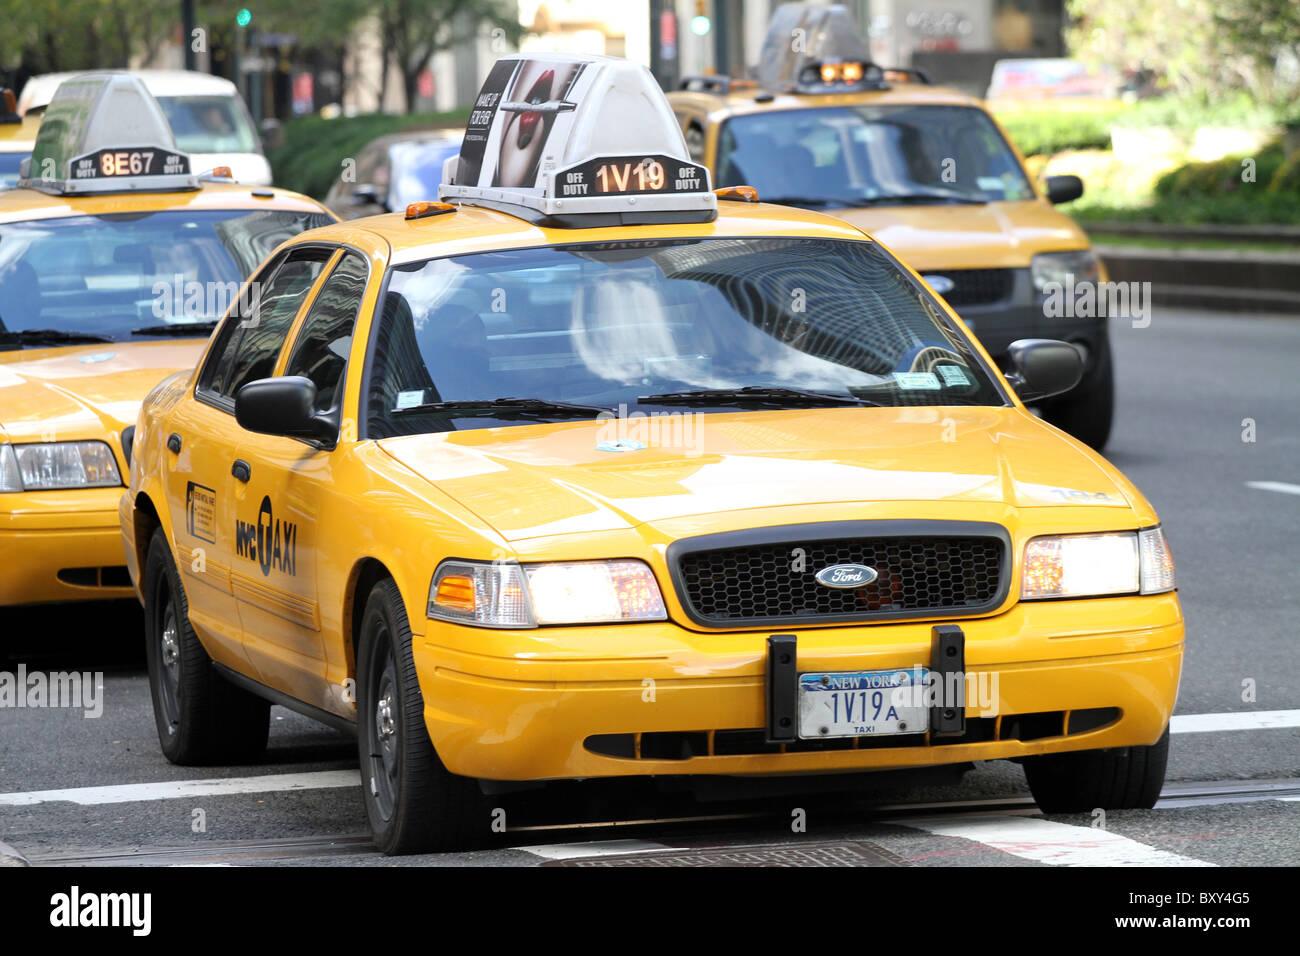 Amarillo Nueva York NYC taxi en Nueva York, Estados Unidos Imagen De Stock